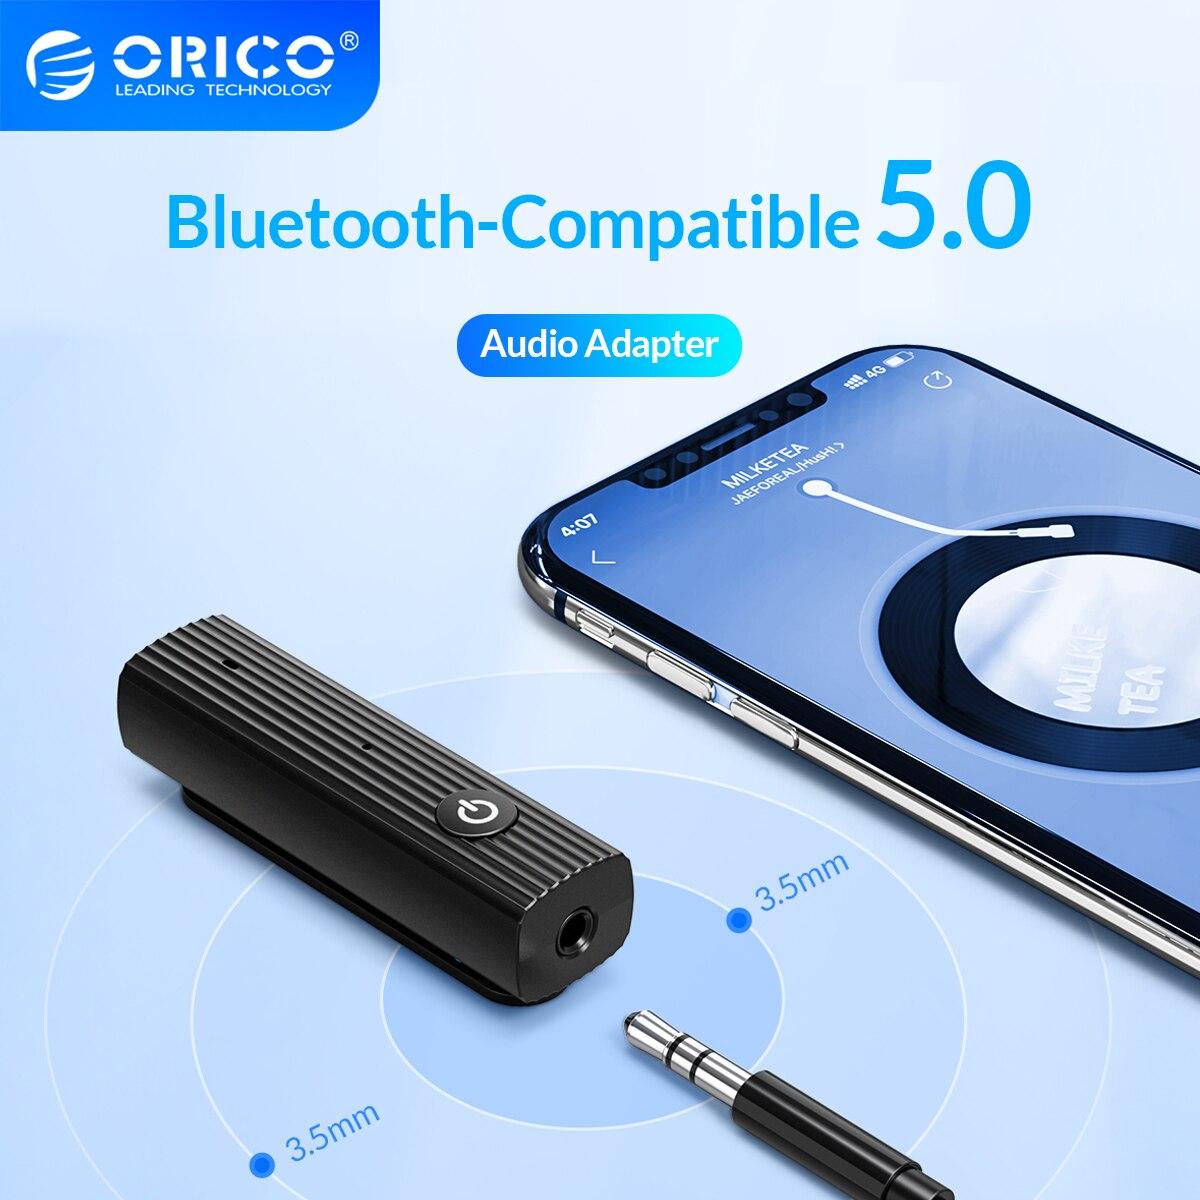 Bluetooth-приемник ORICO 5,0 EDR, 3,5 мм, AUX-адаптер, беспроводной аудиопередатчик с батареей для автомобильных динамиков, наушников